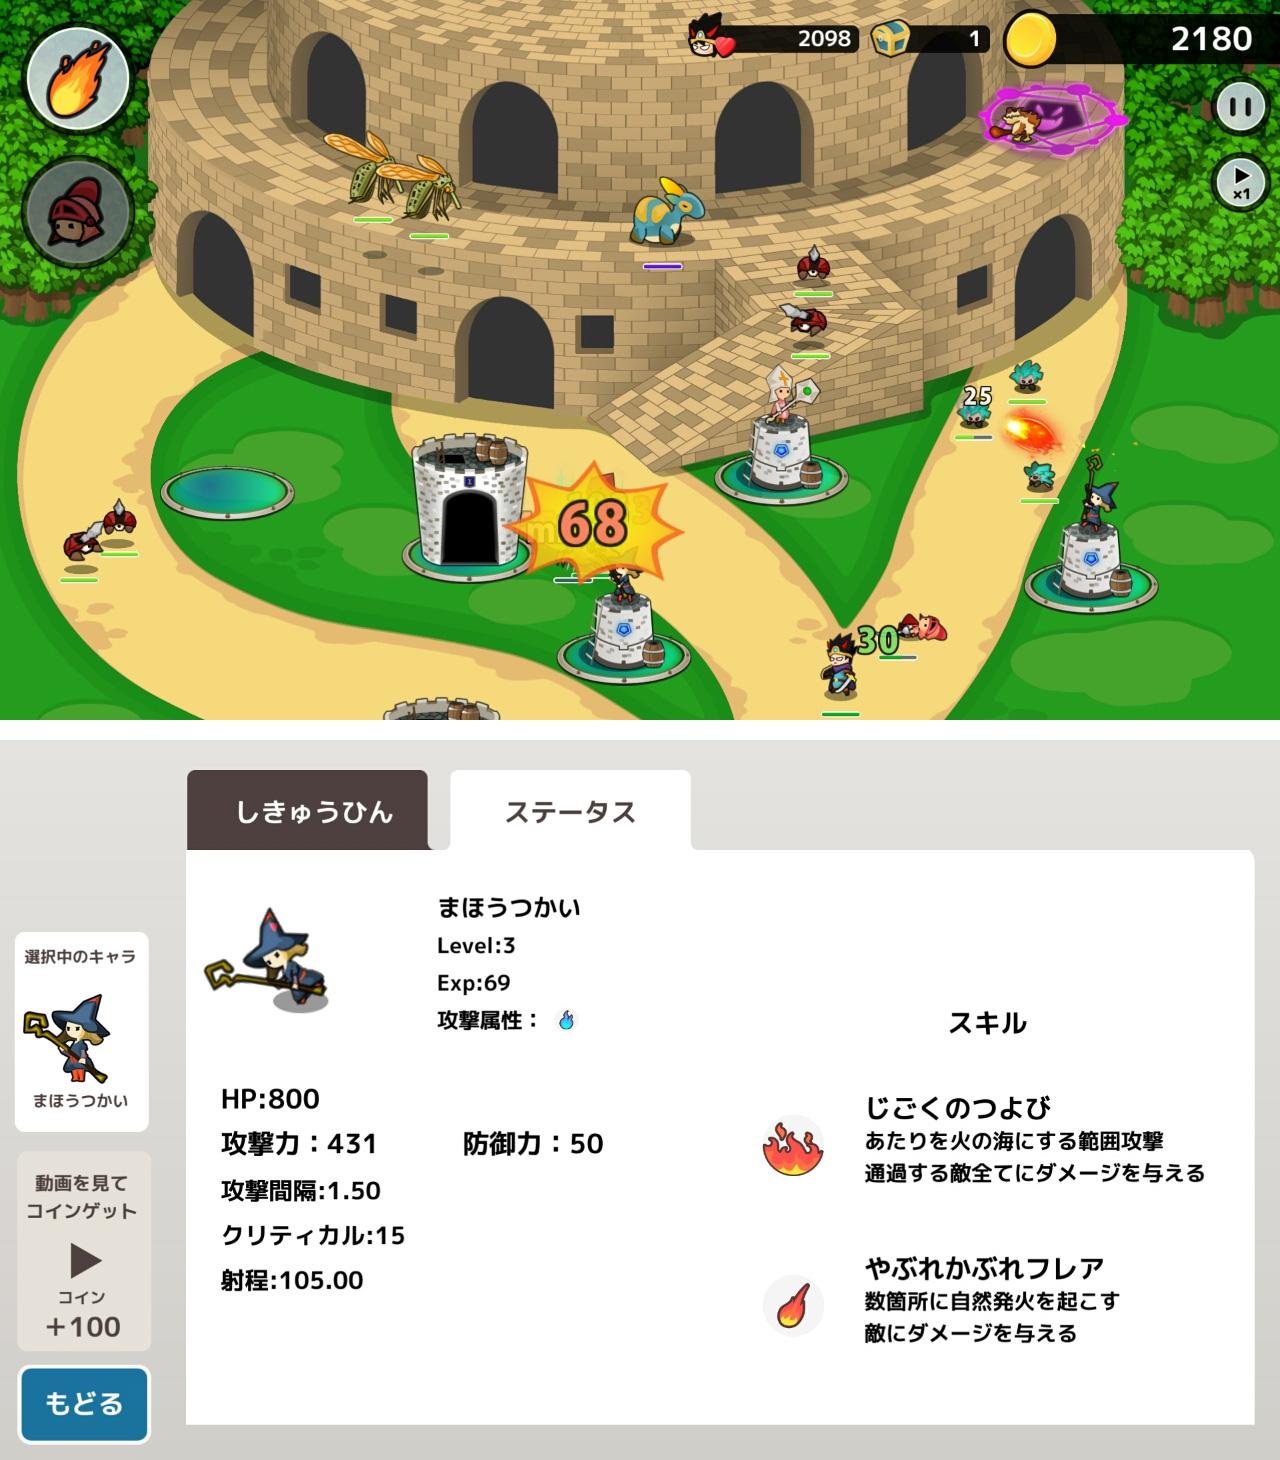 よなおし魔王 - 勇者に代わってオシオキだ androidアプリスクリーンショット1